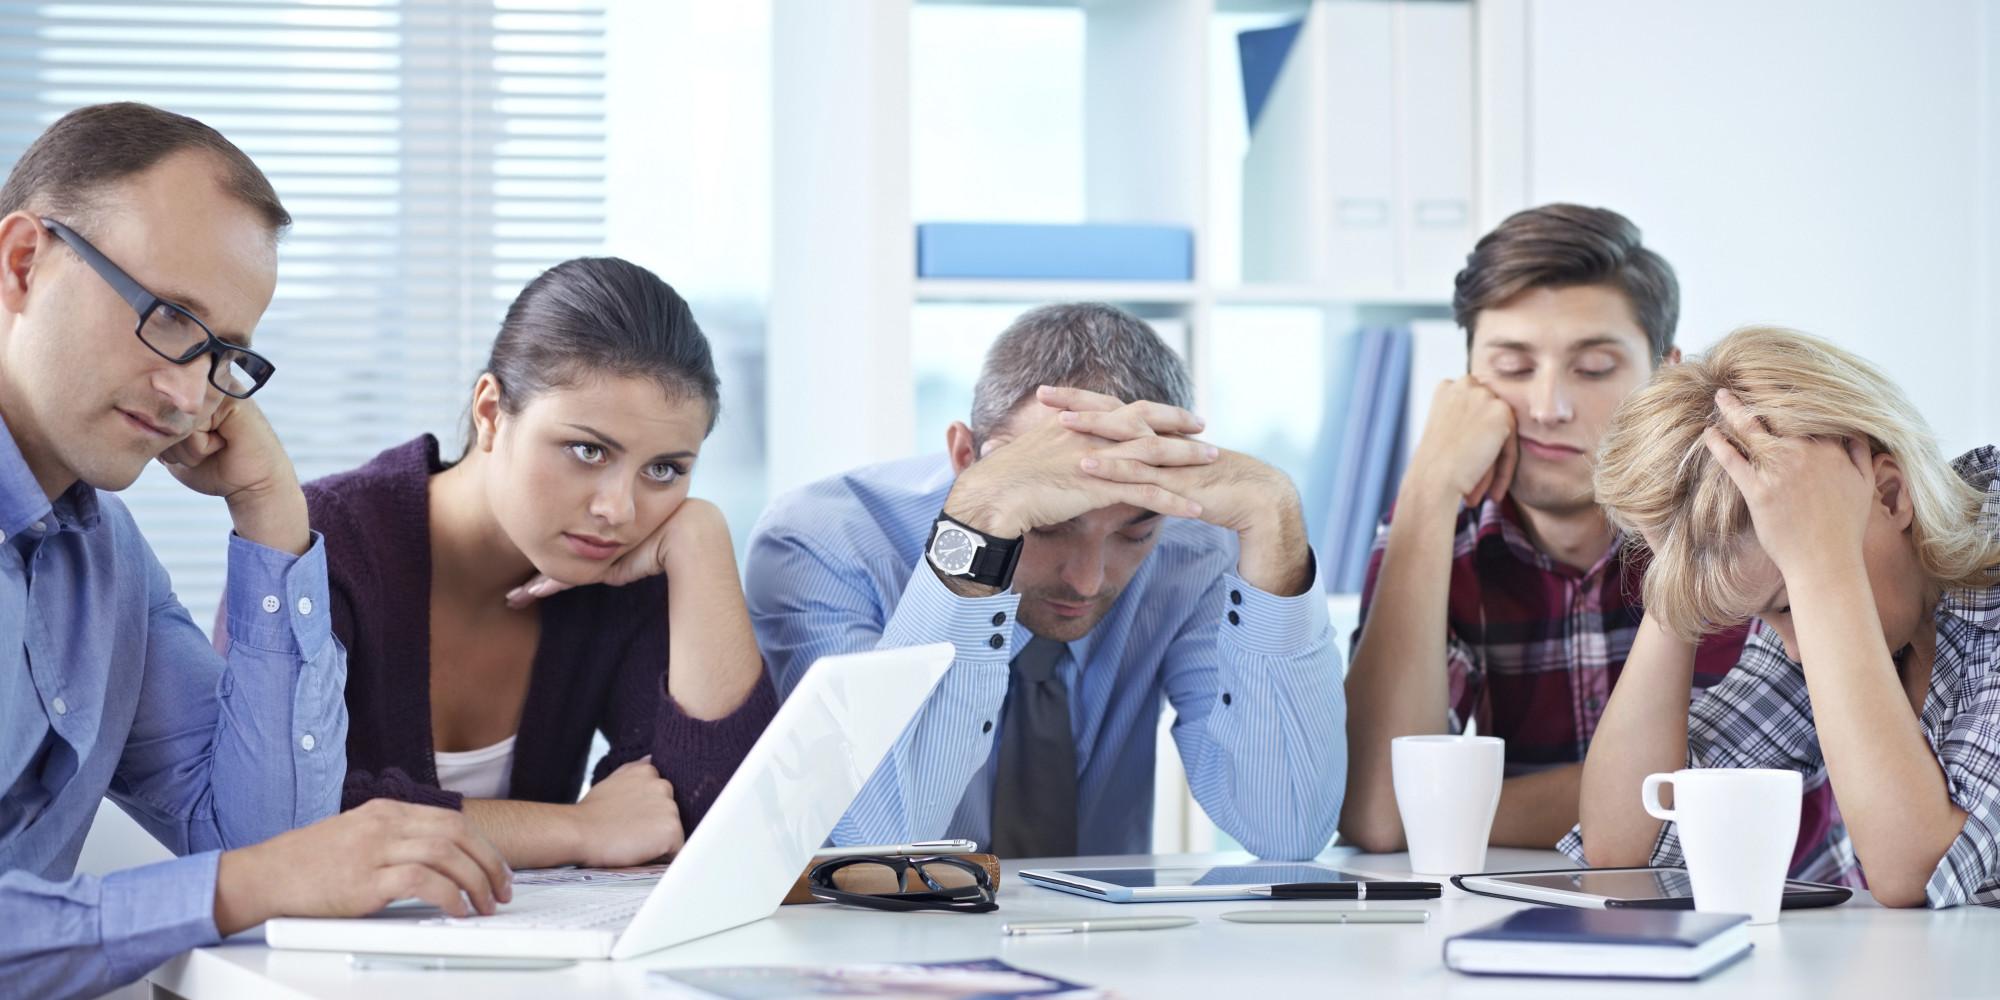 Лучшие сотрудники увольняются: 9 роковых ошибок руководителя